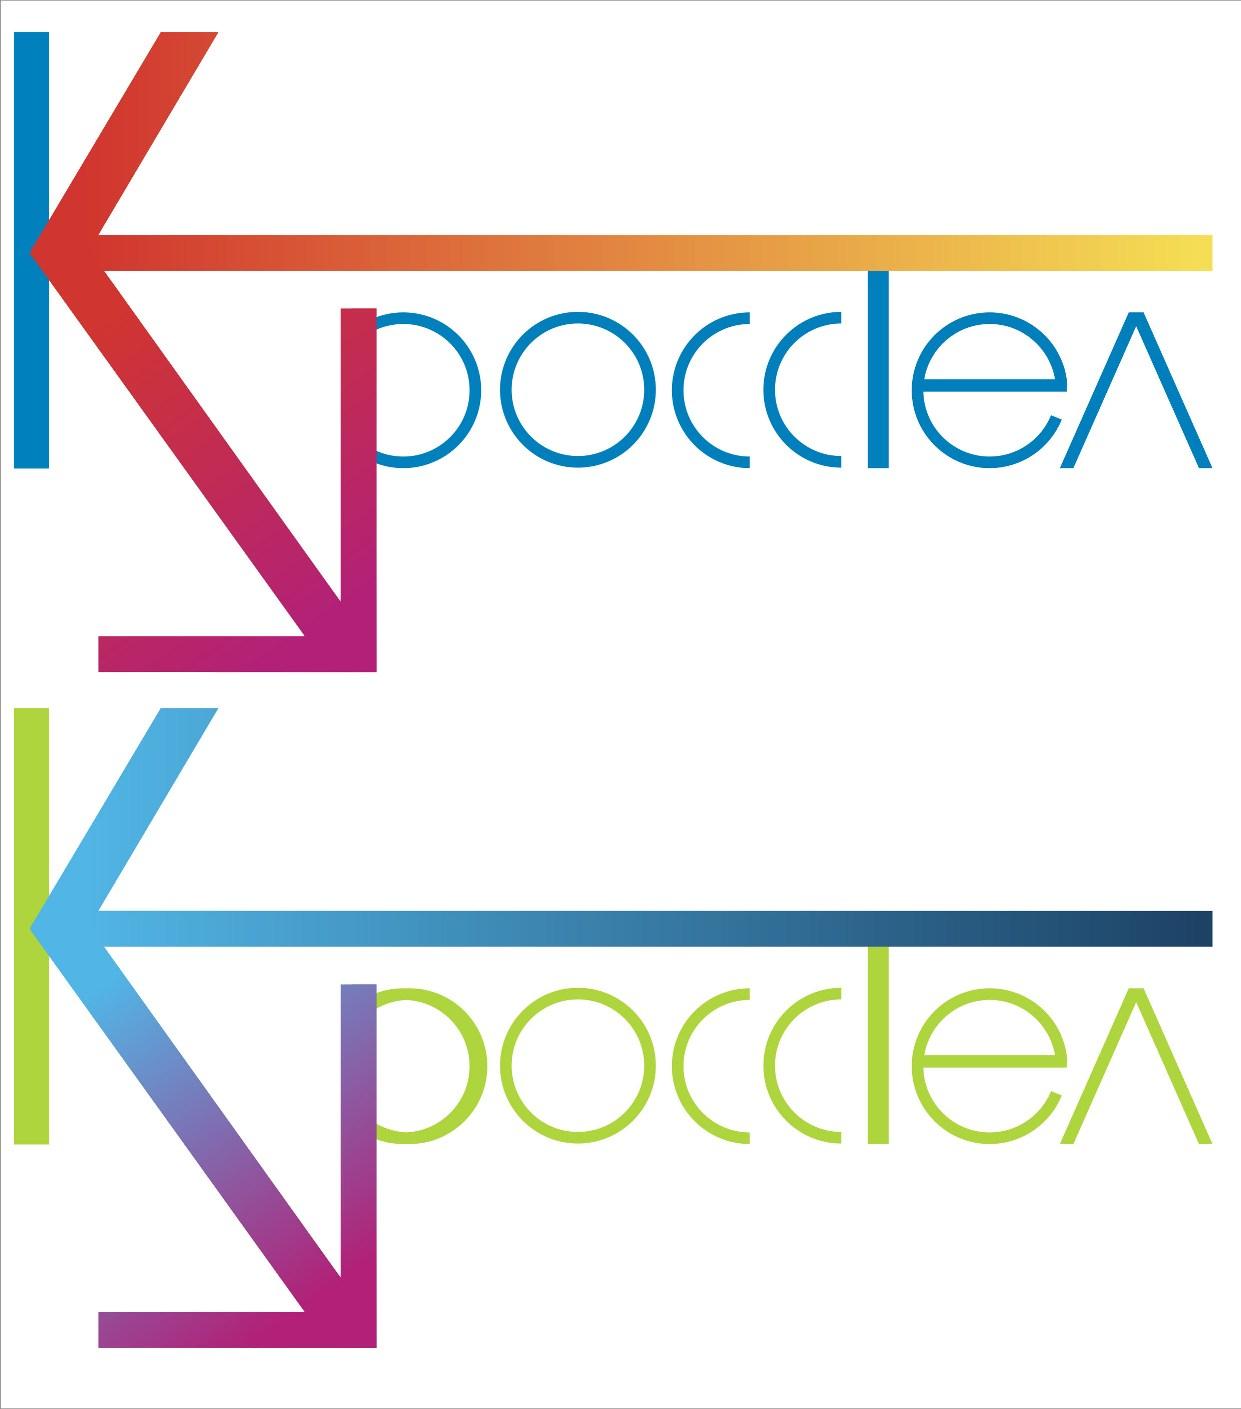 Логотип для компании оператора связи фото f_4ed3e096a618e.jpg